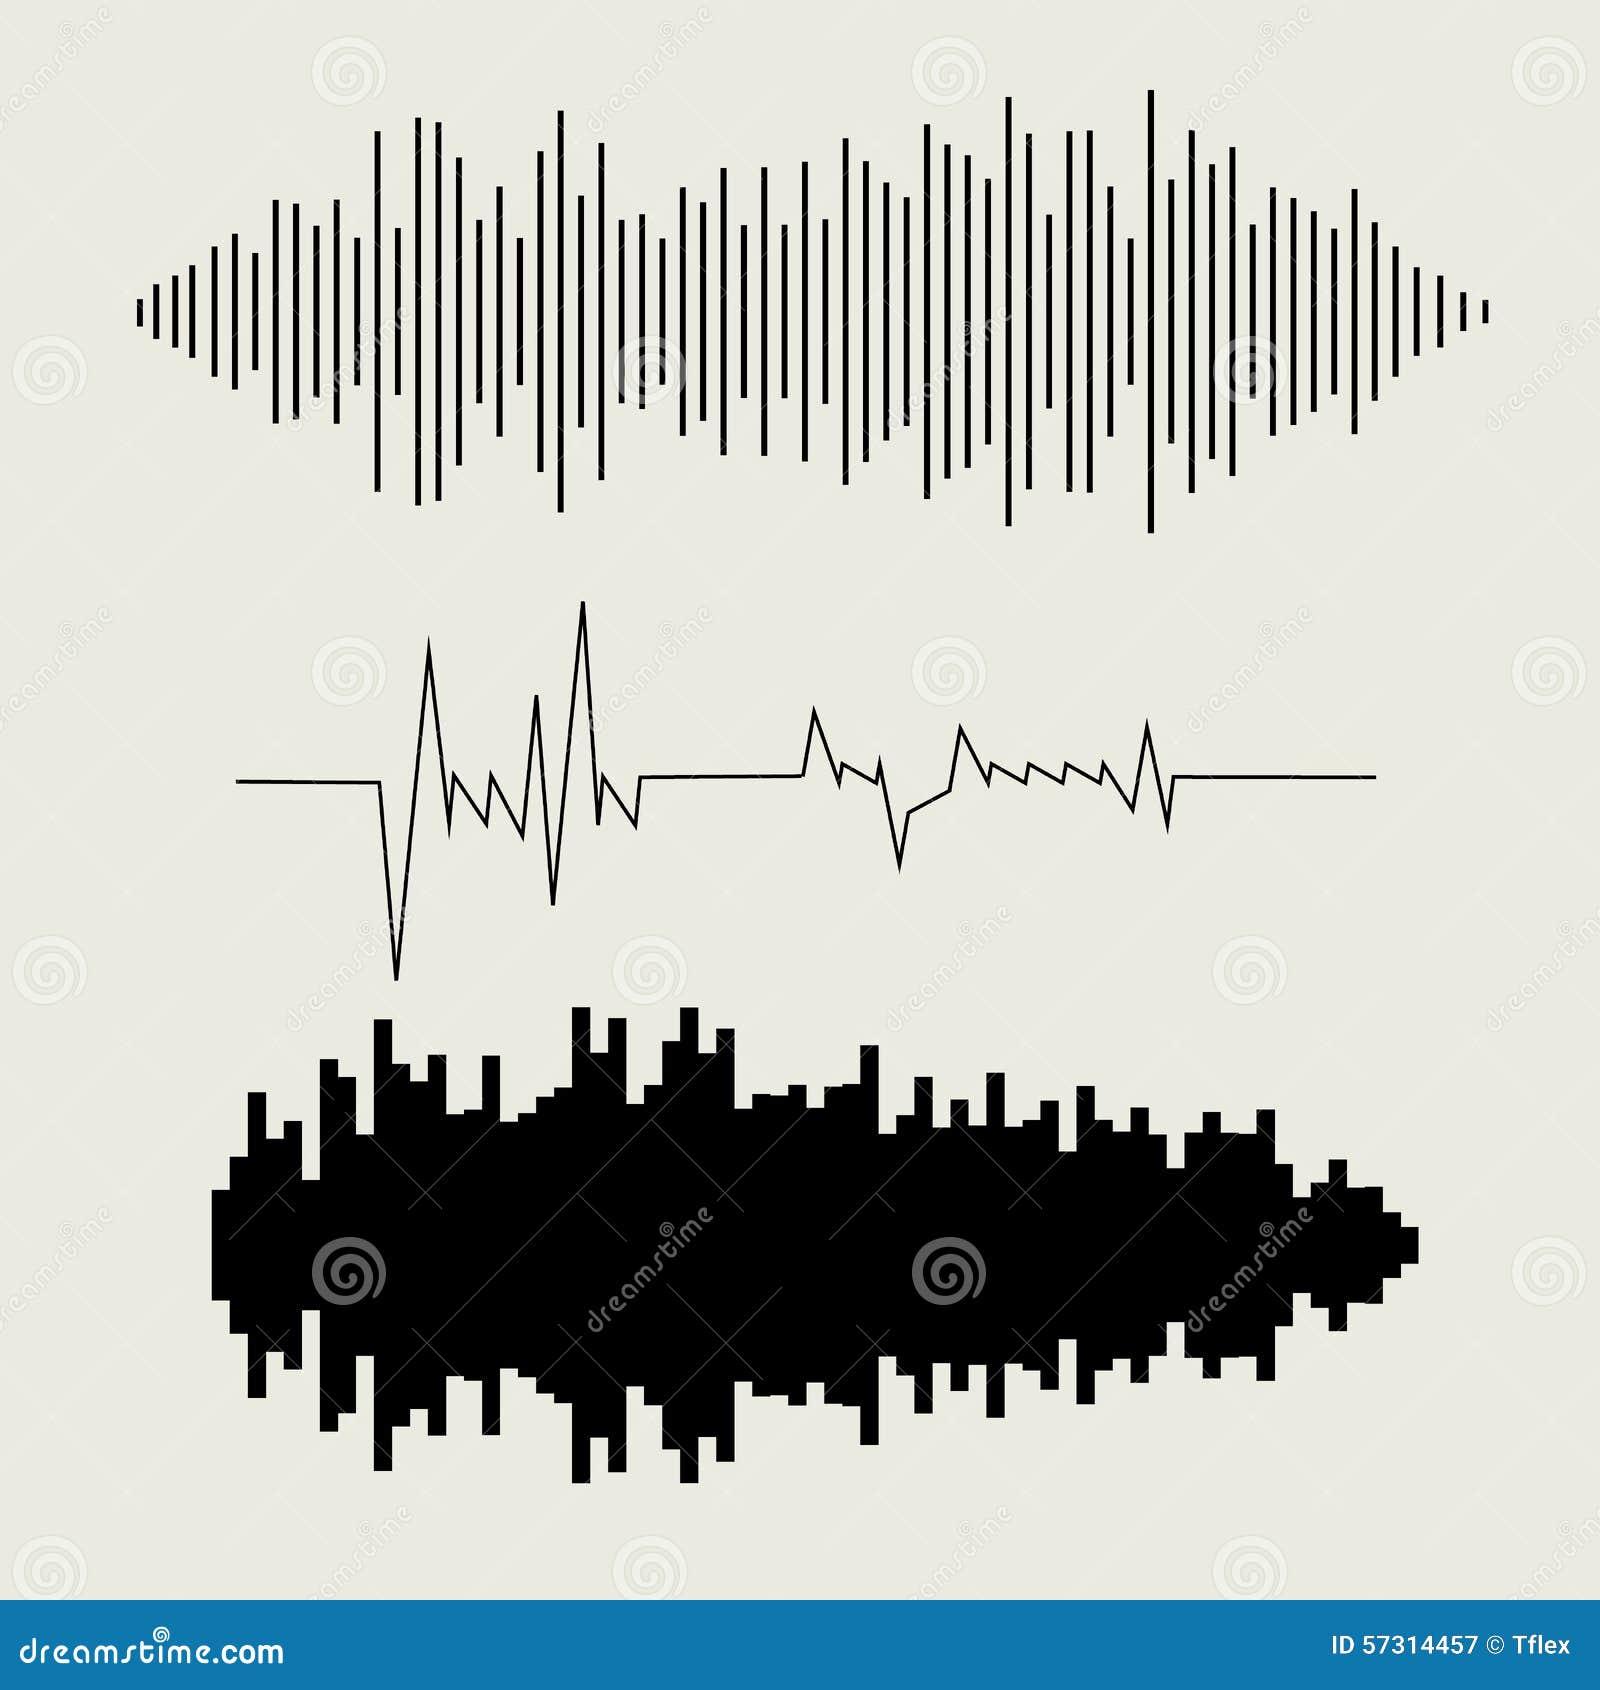 Astounding sound wave vector photos